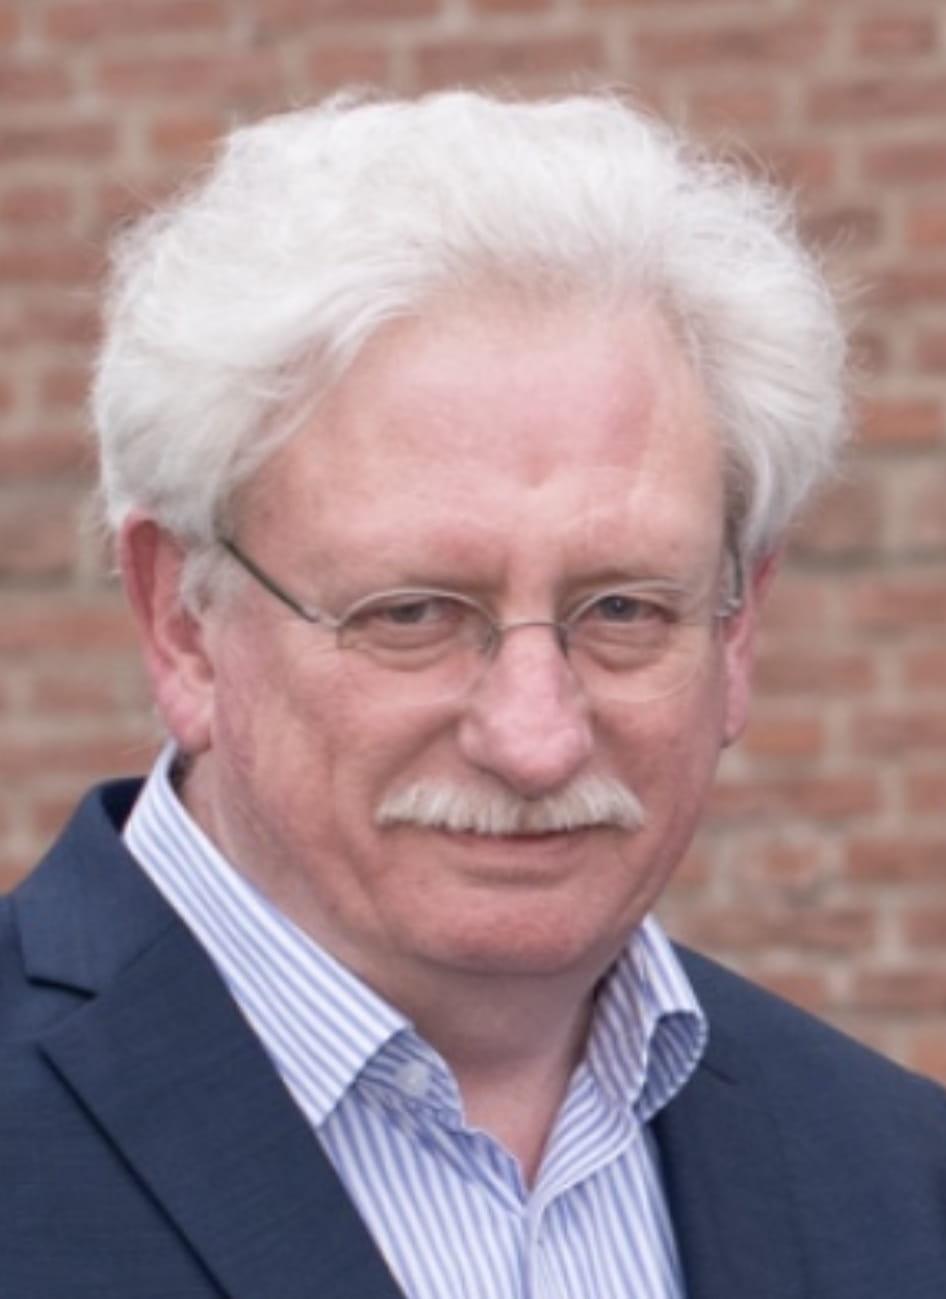 Ben Beljaars